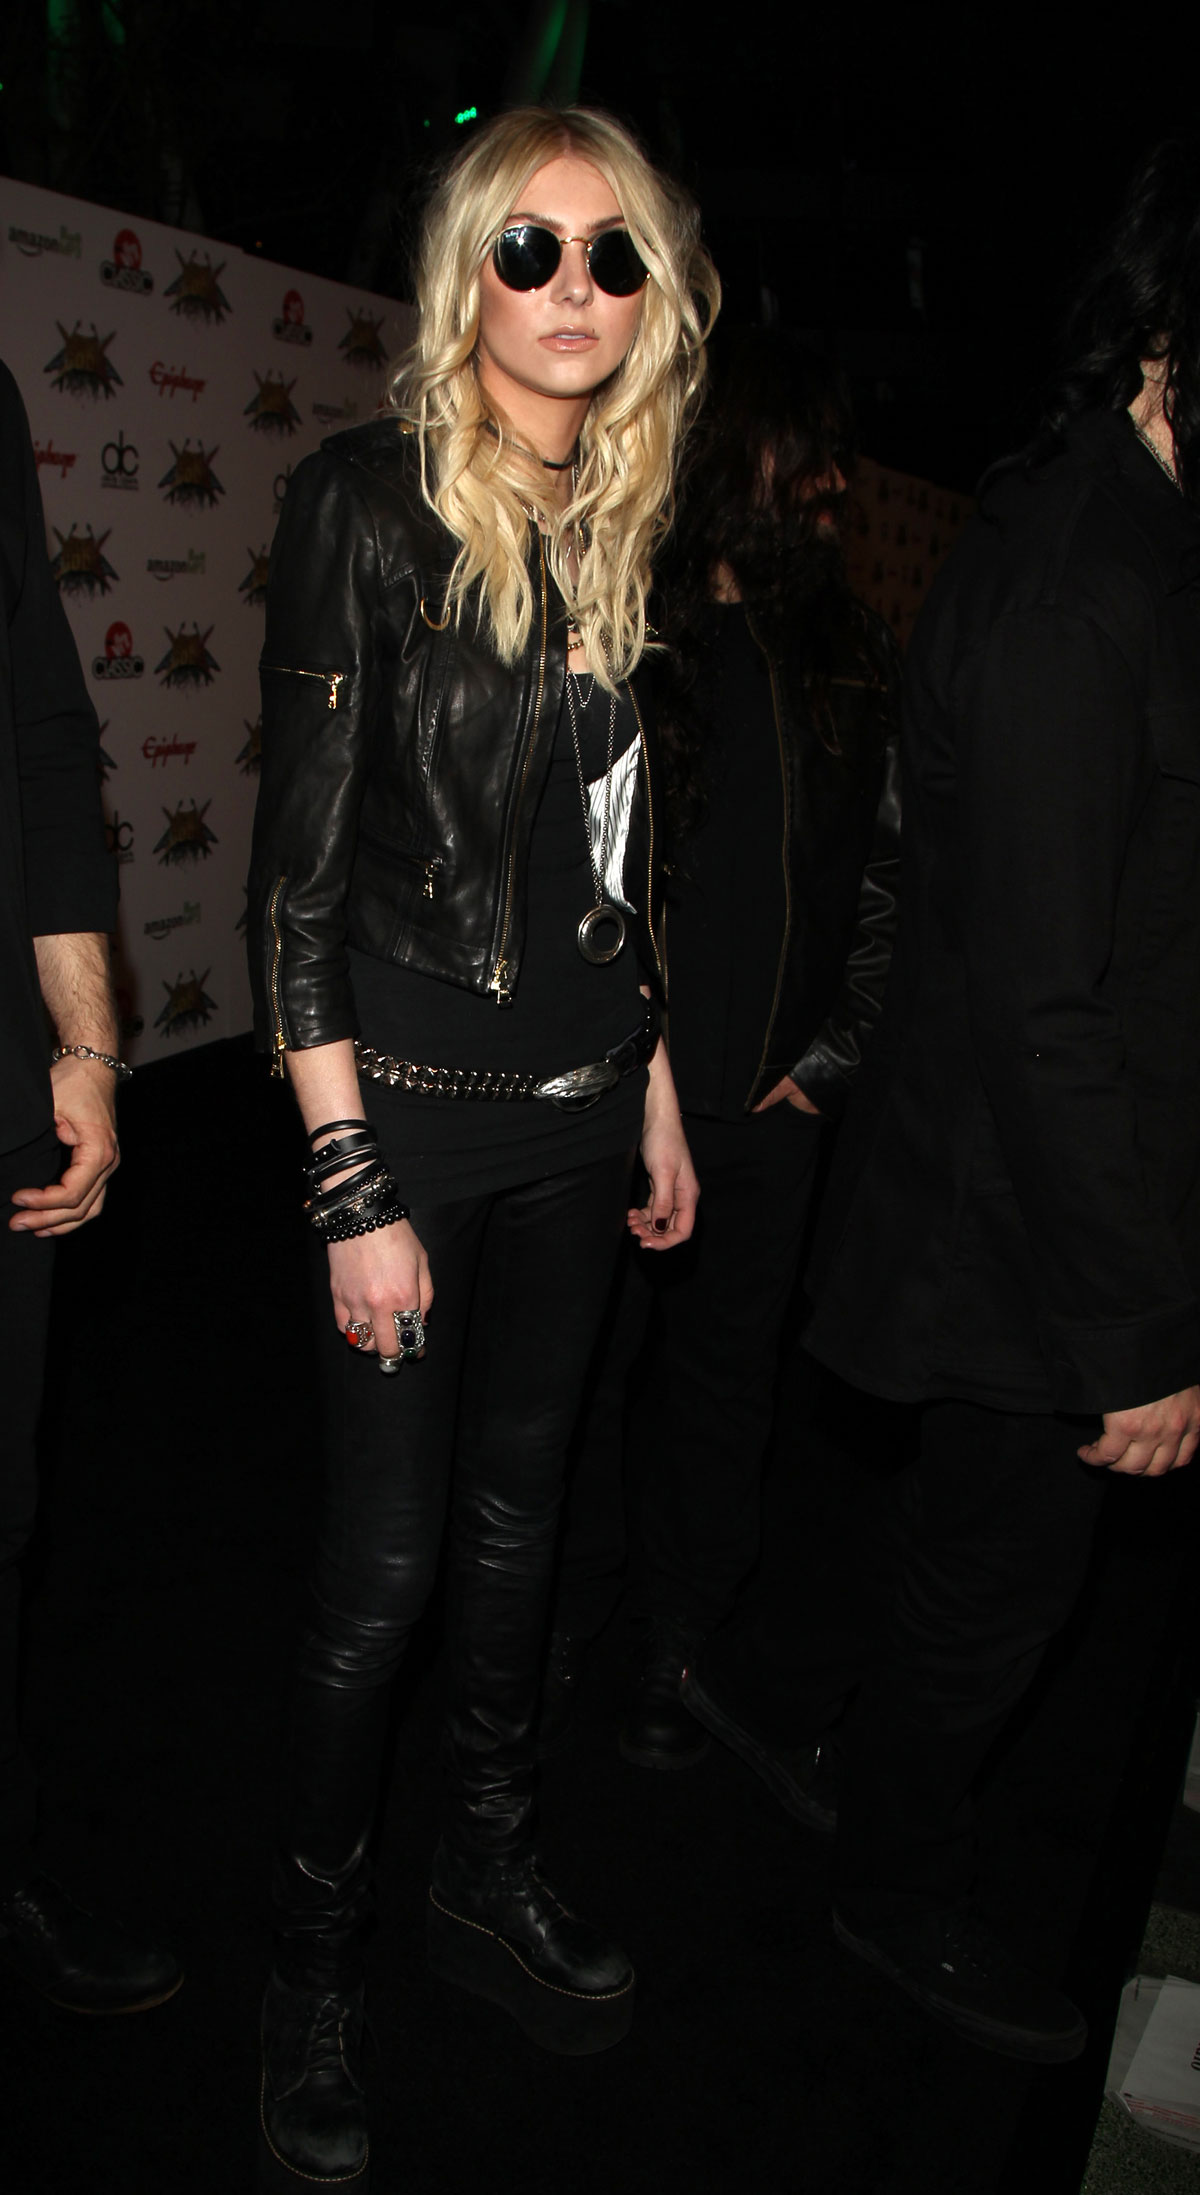 Taylor Momsen attends 2014 Revolver Golden Gods Awards